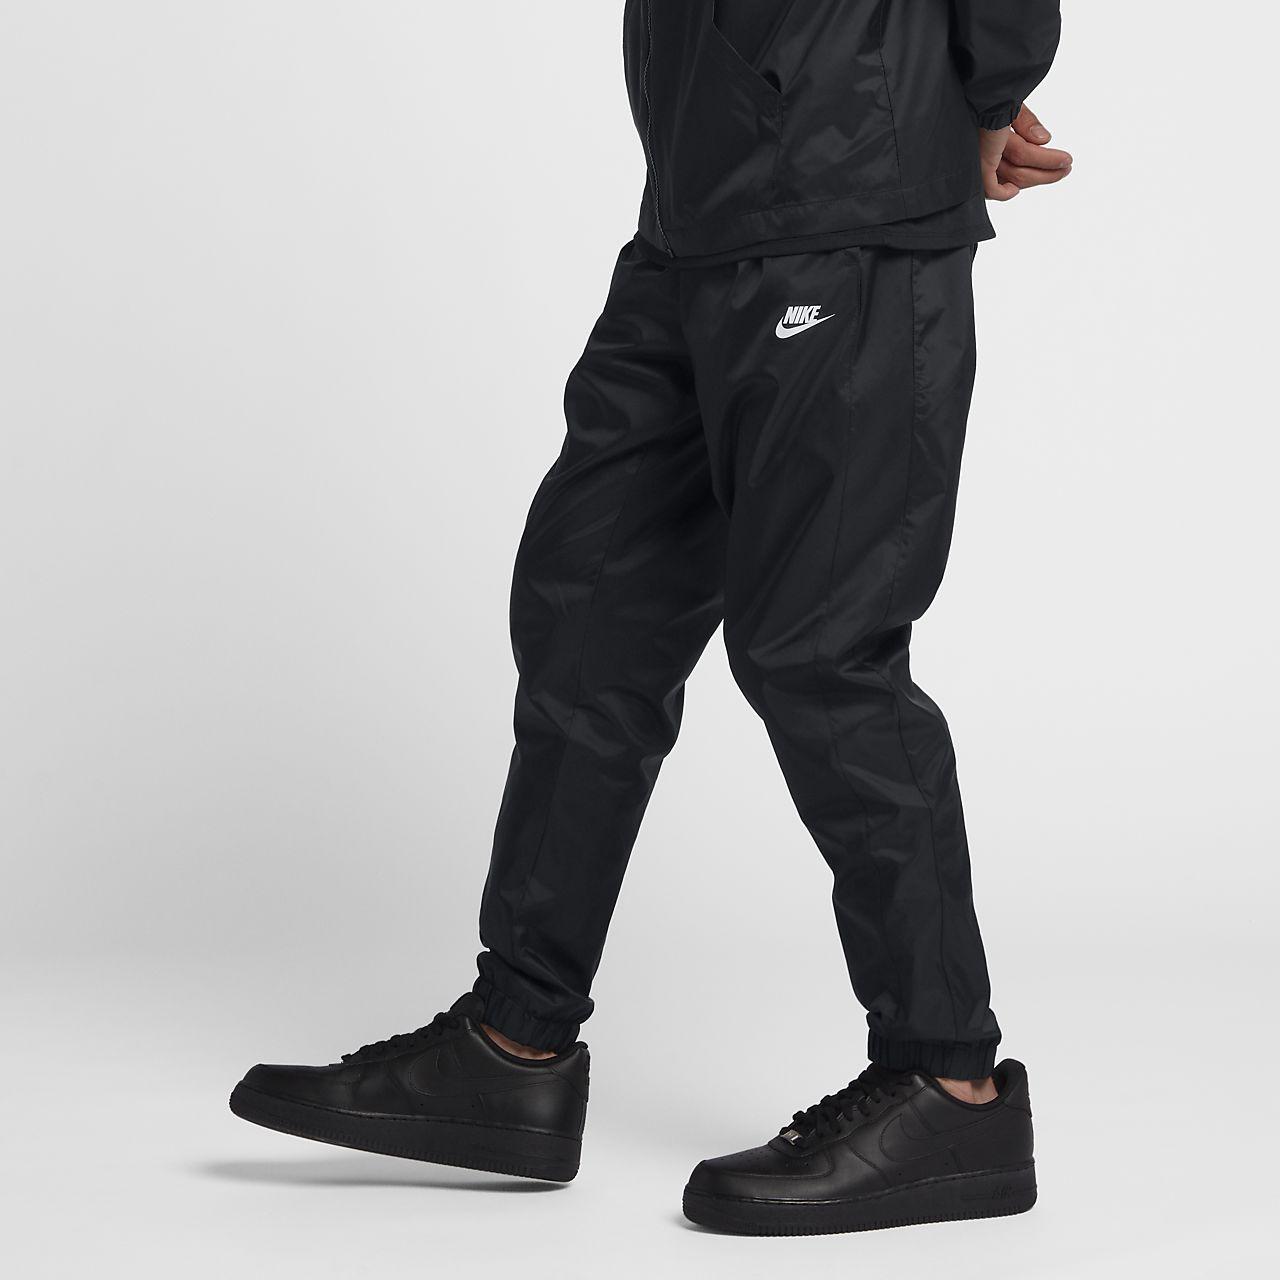 8604fef07 Nike Sportswear Men s Hooded Woven Tracksuit. Nike.com CA